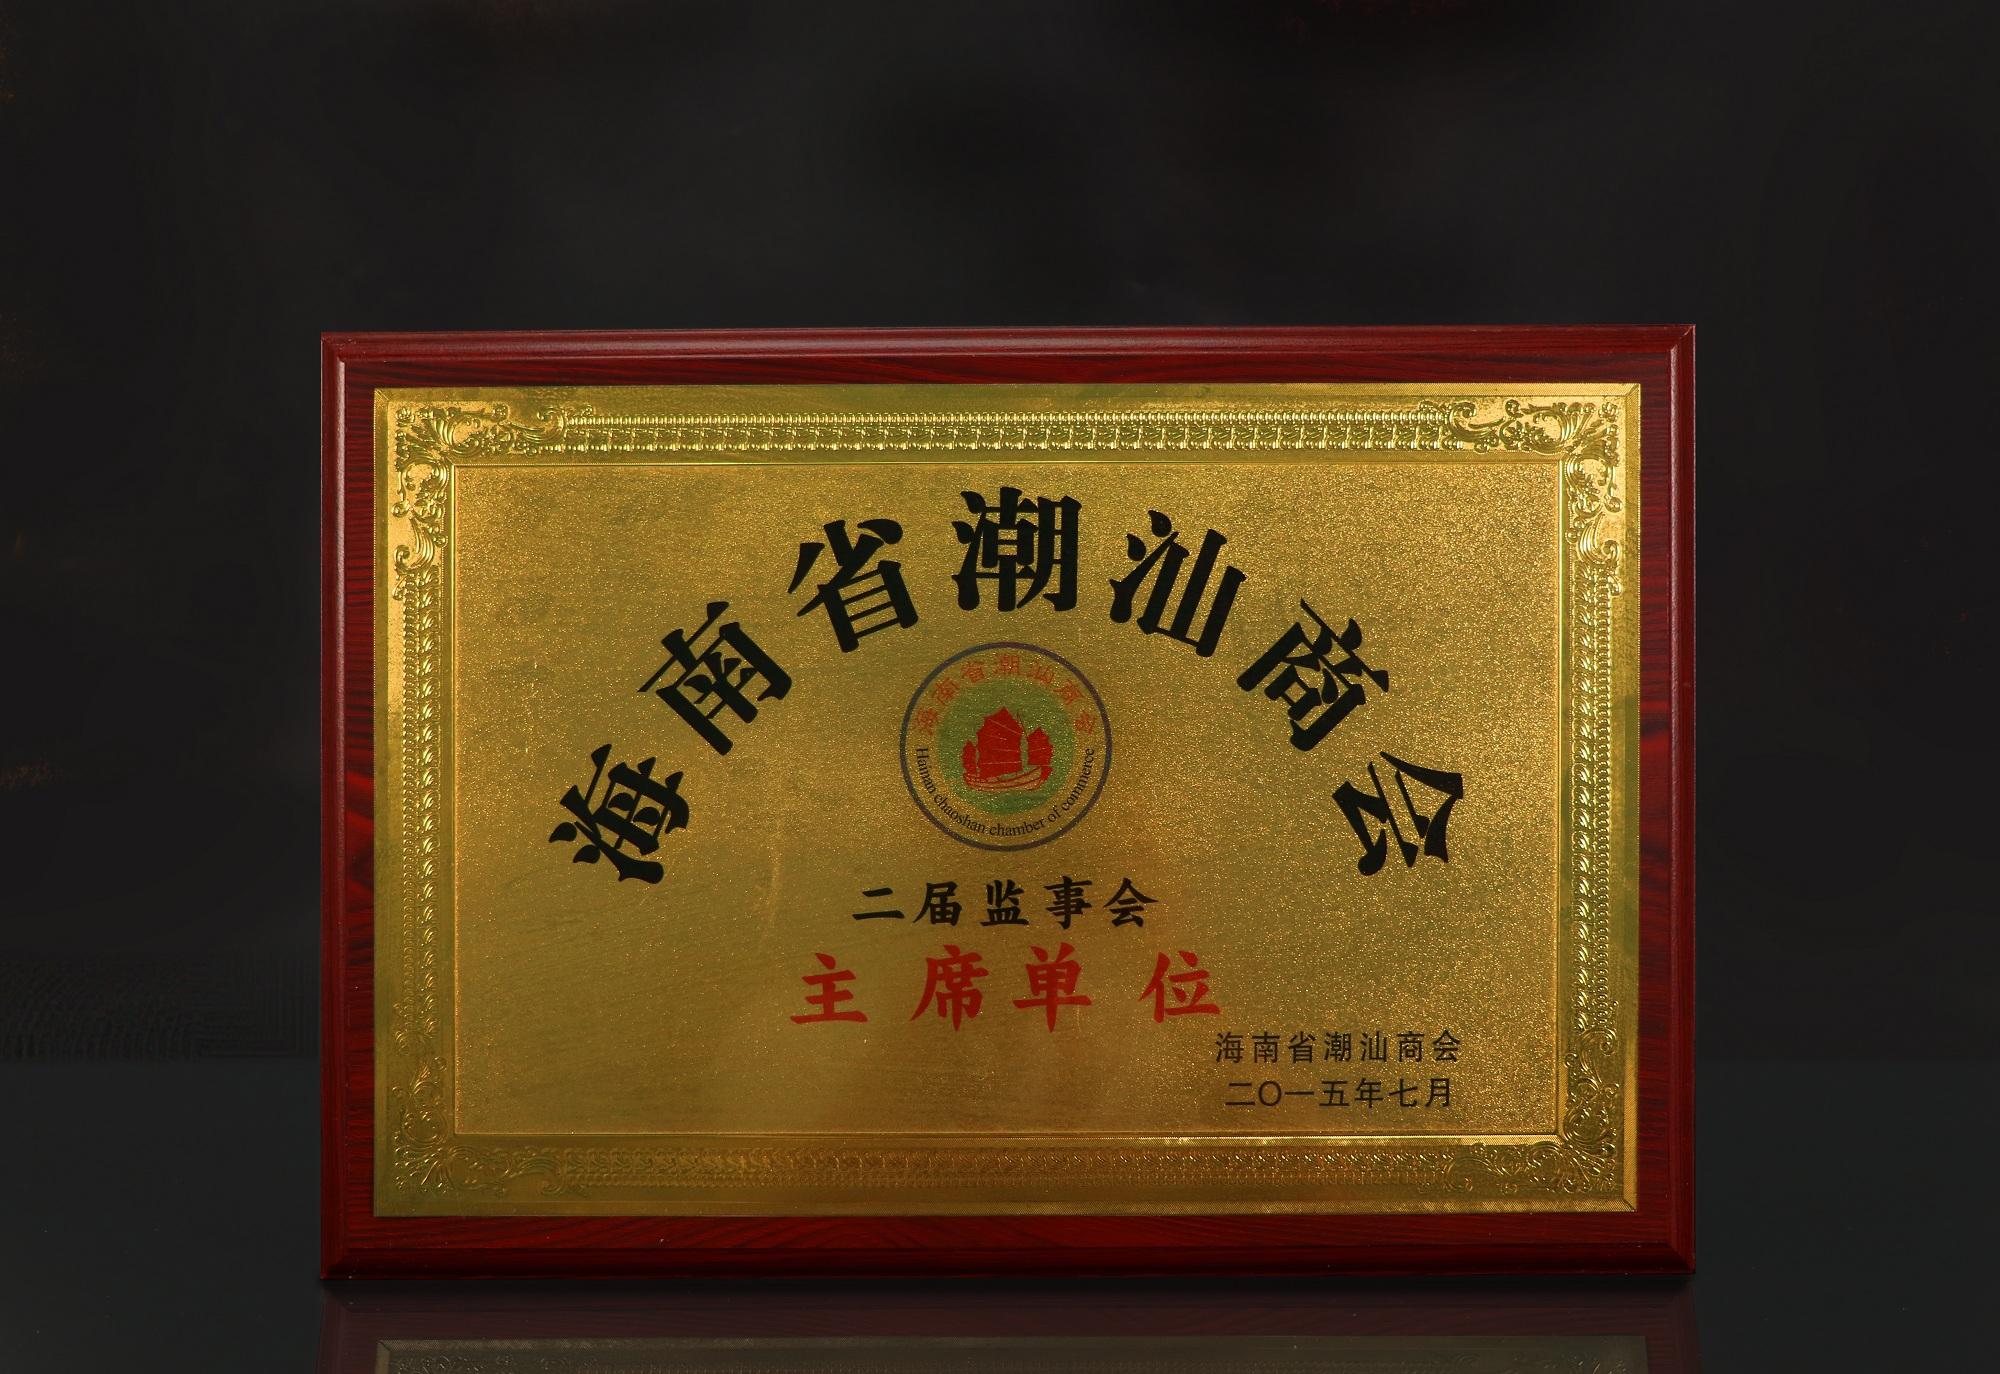 海南省潮汕商会第二届监事会主席单位